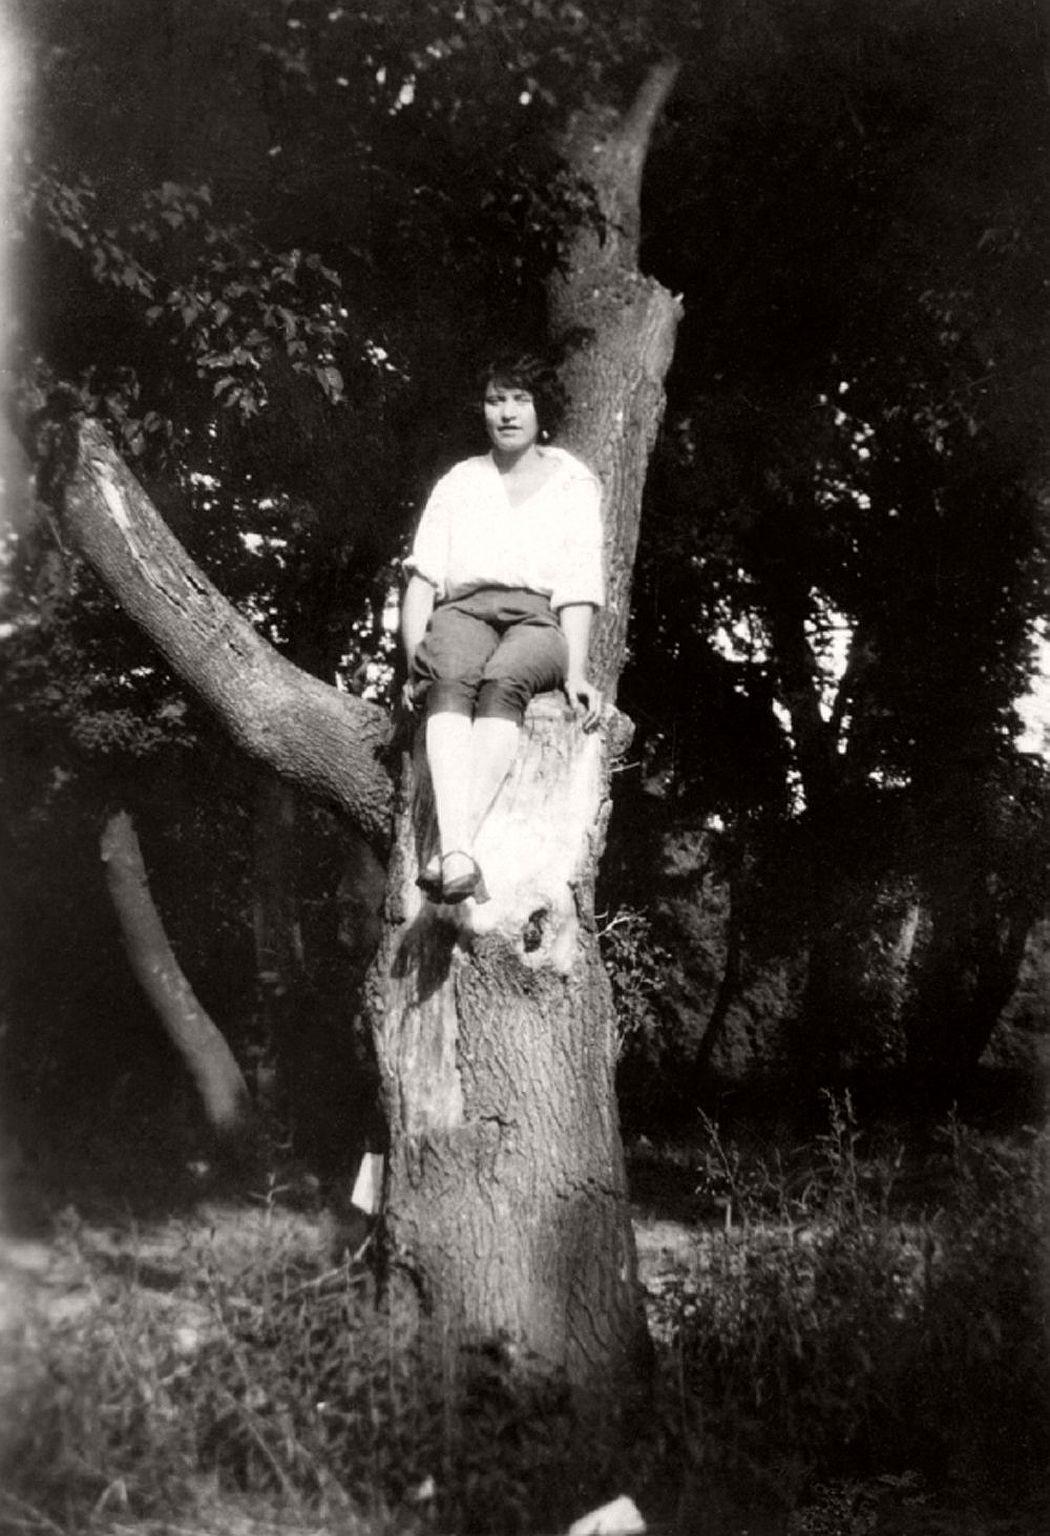 women-in-trees-hatje-cantz-07